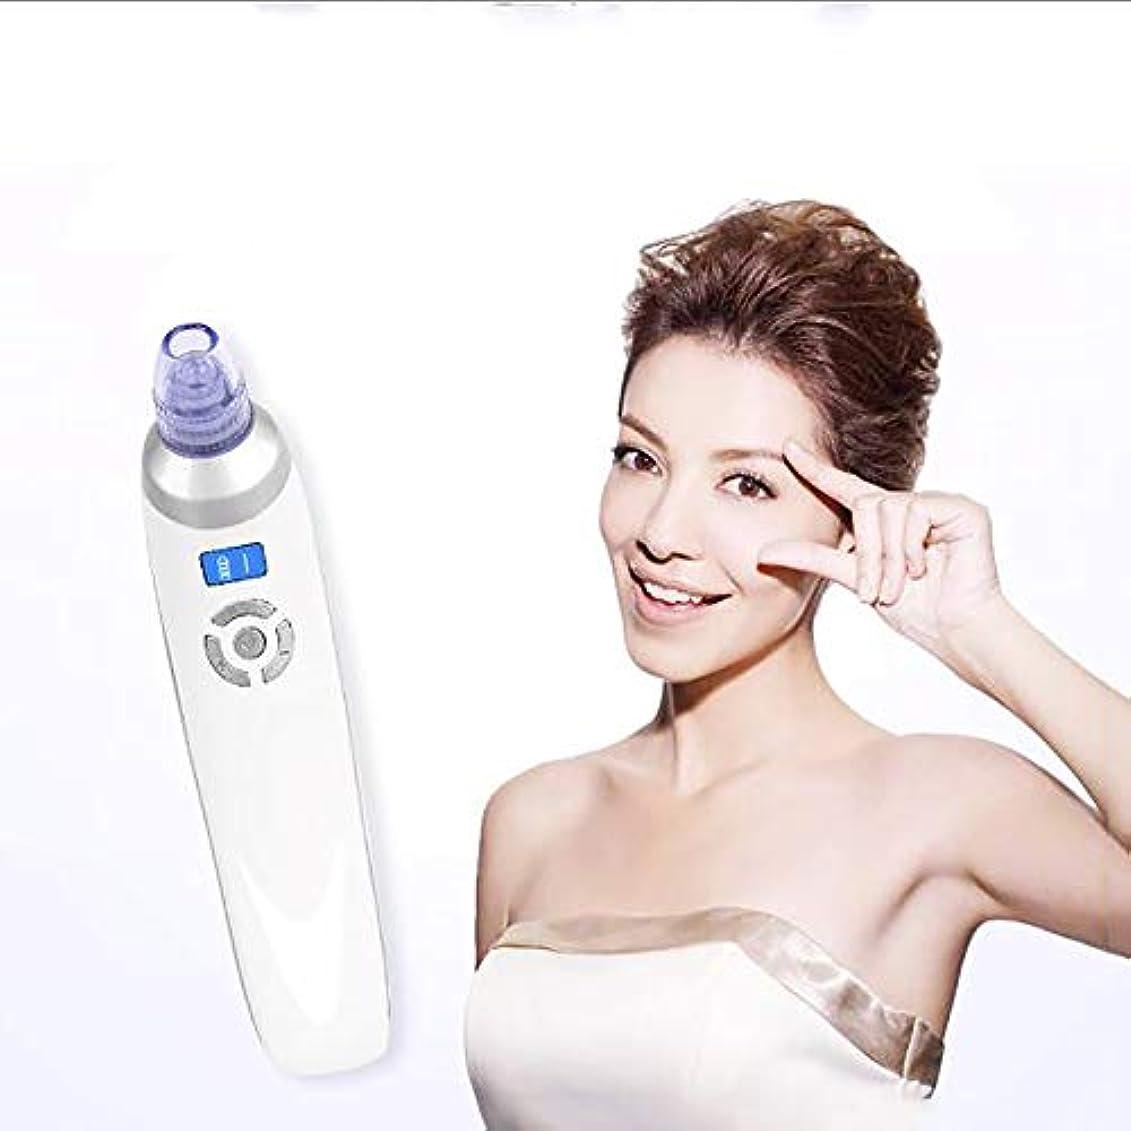 にきび除去掃除機、顔の毛穴クリーナー電気ブラックヘッド抽出器クリーンツールUSB充電式にきび掃除機吸引クリーナー